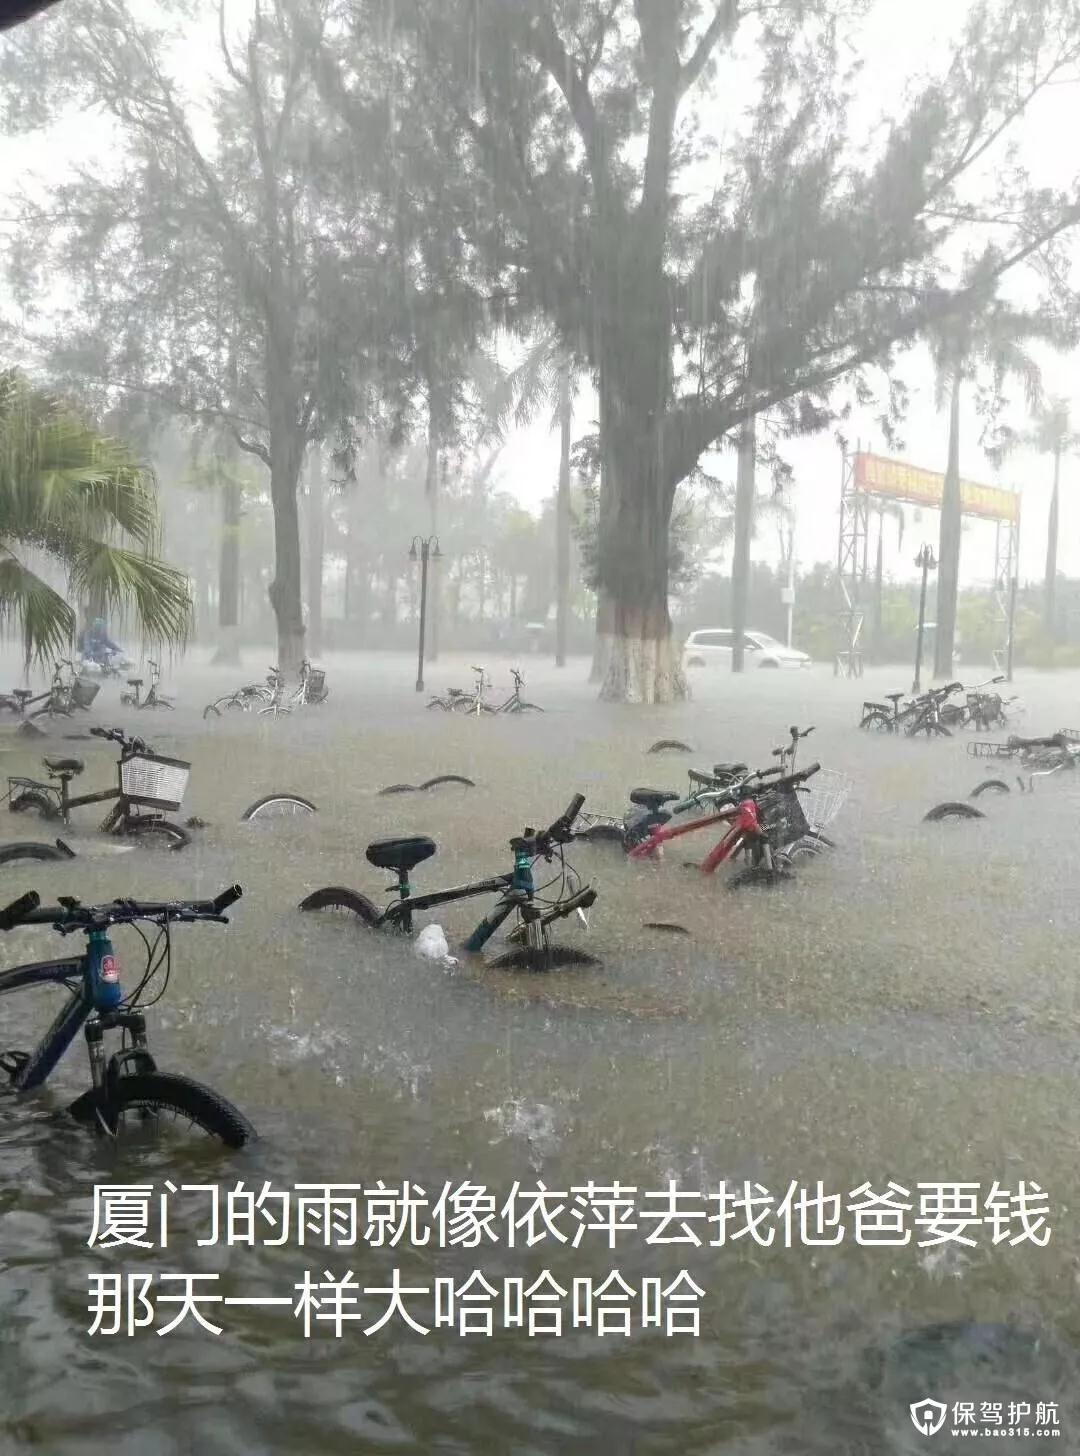 厦门暴雨 家里装修该如何做好防水工作